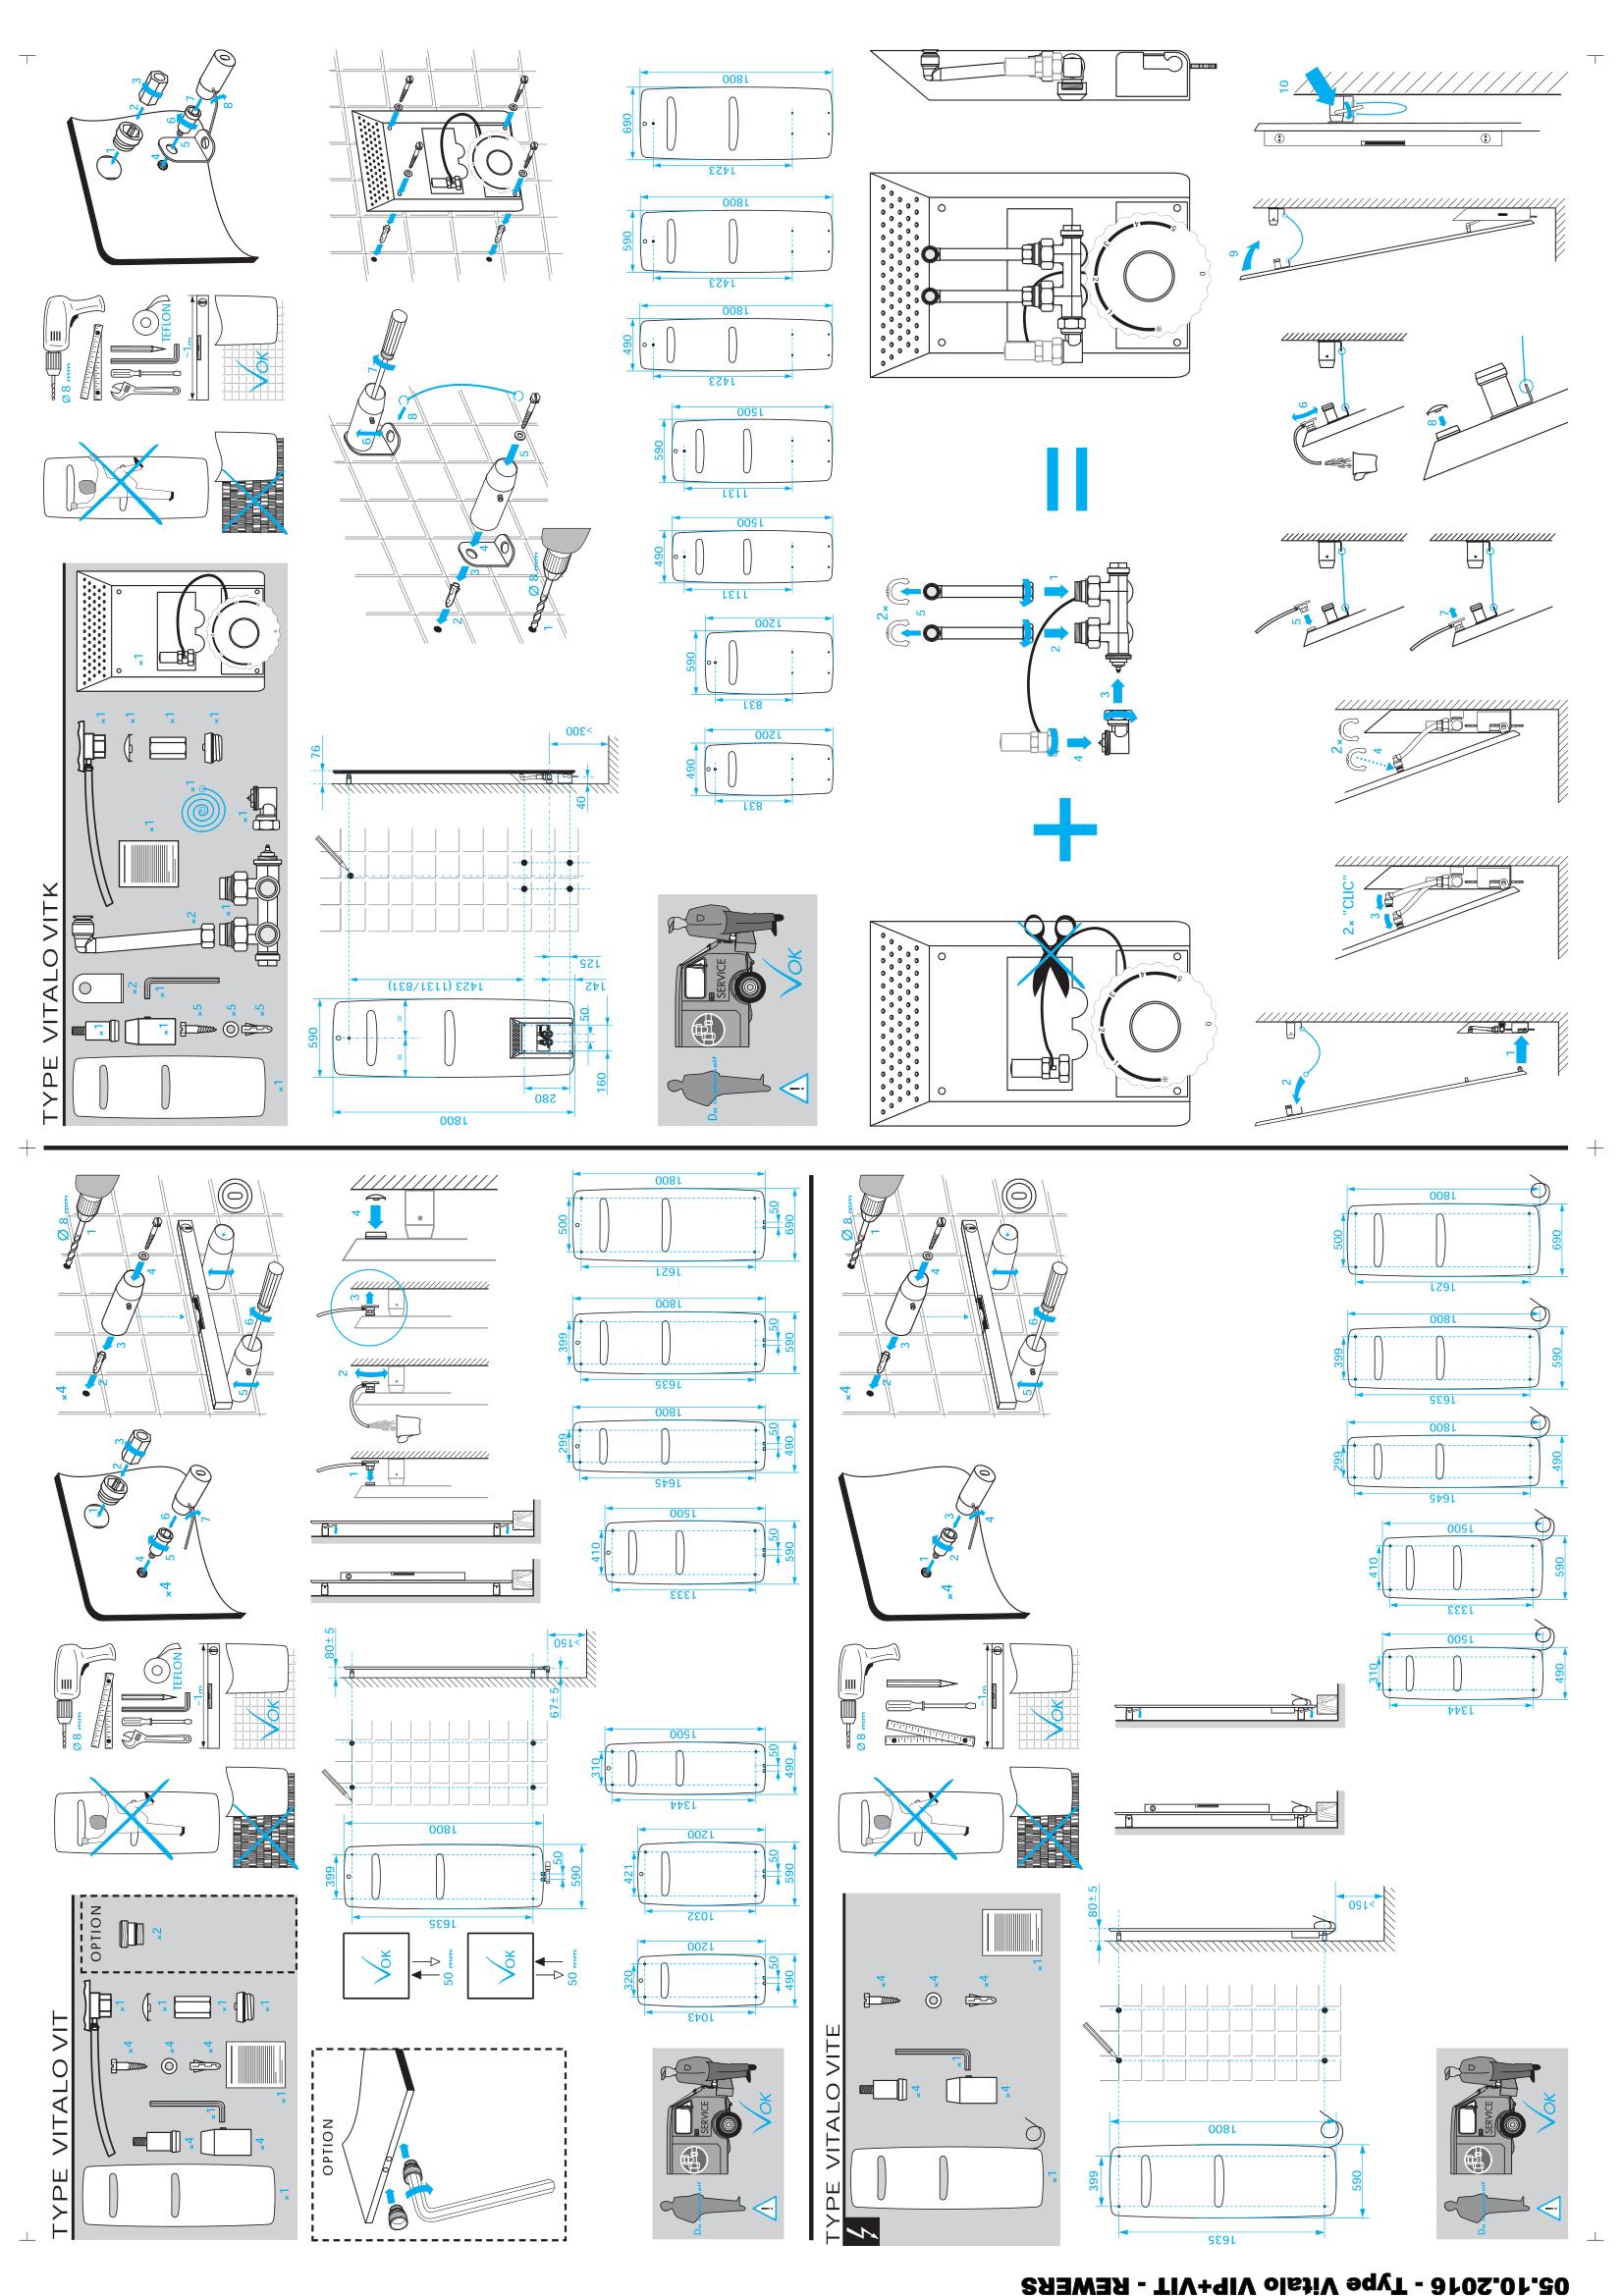 Фотография Инструкция по монтажу дизайнерского полотенцесушителя Zehnder Vitalo Spa